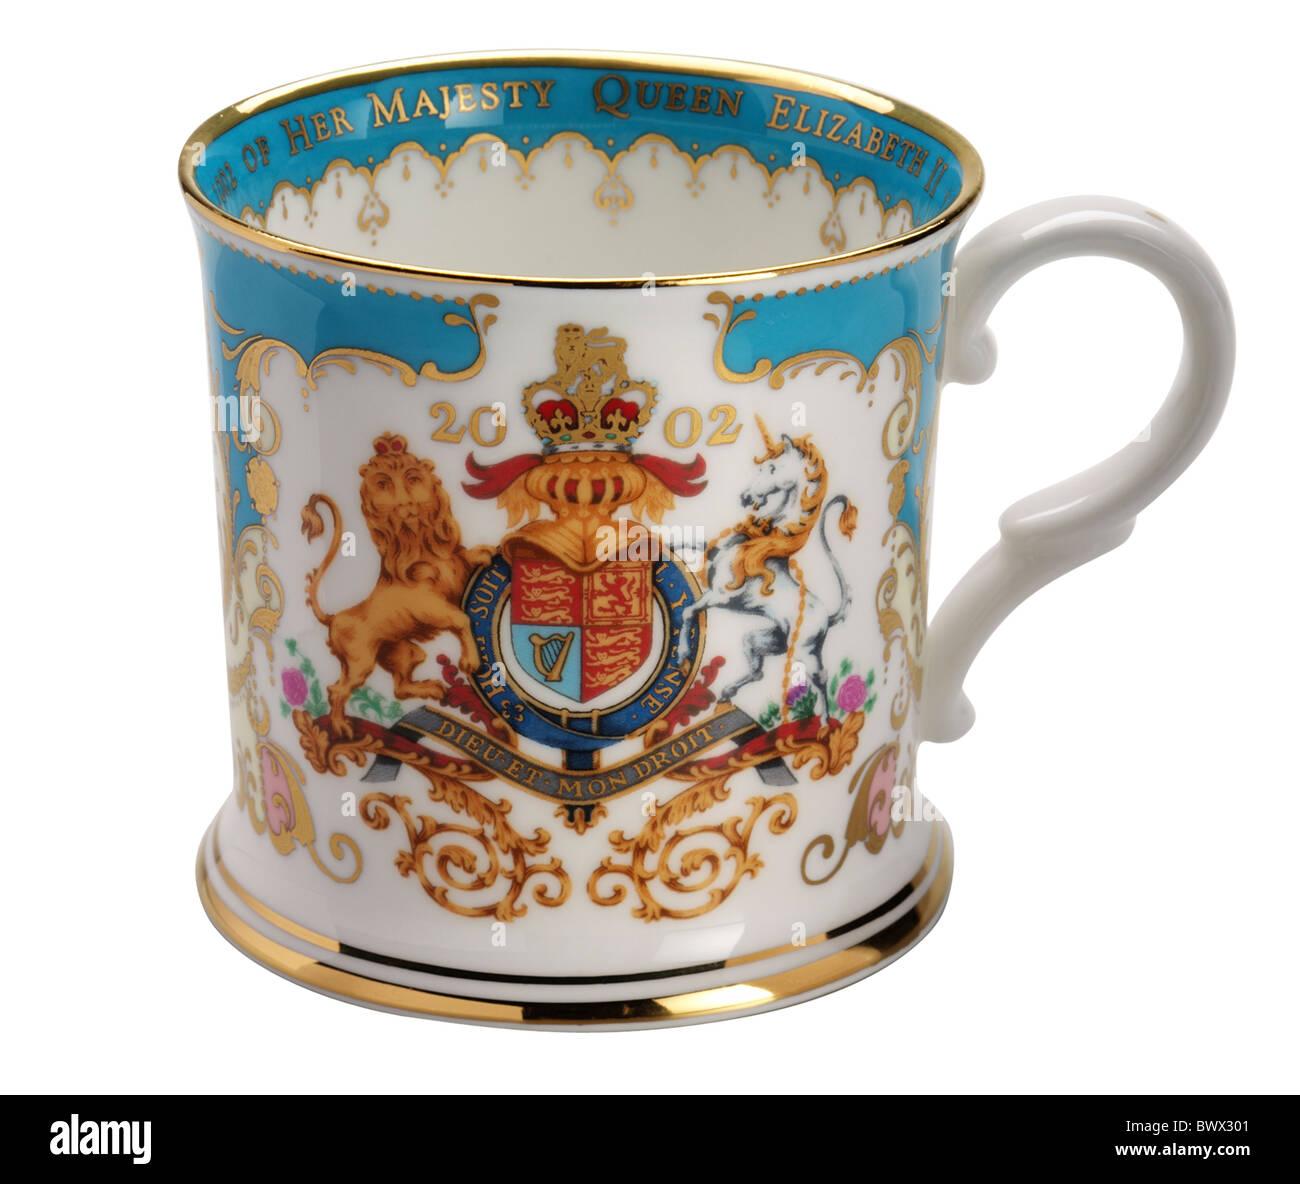 Queen Elizabeth Golden Jubilee - Stock Image